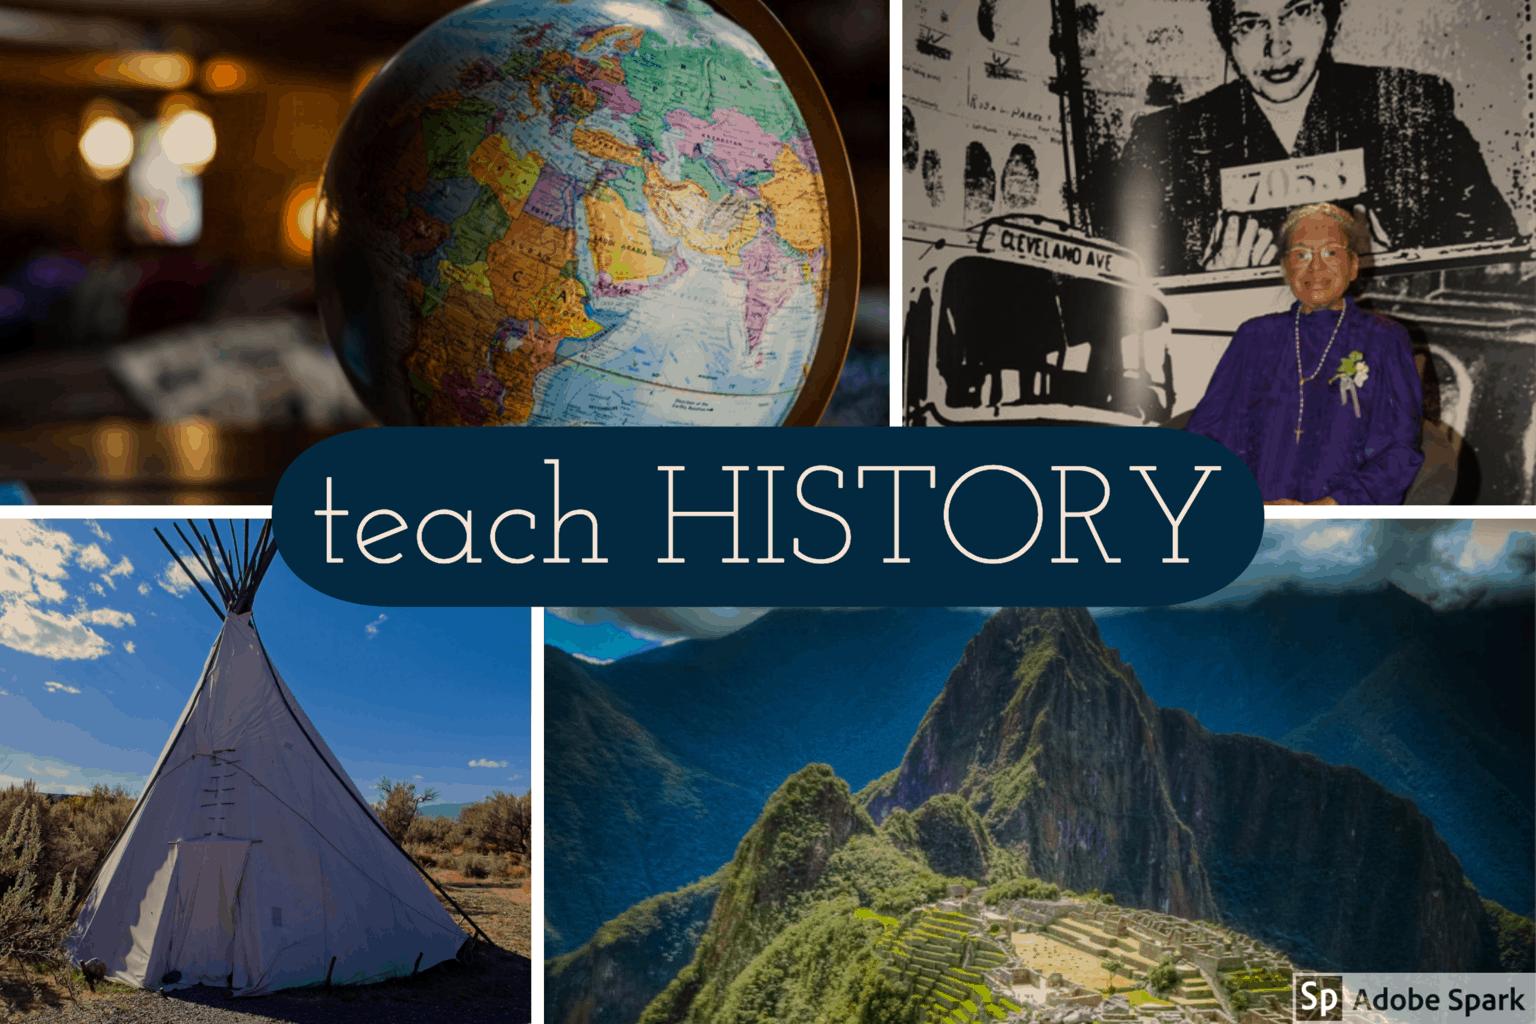 Teach history